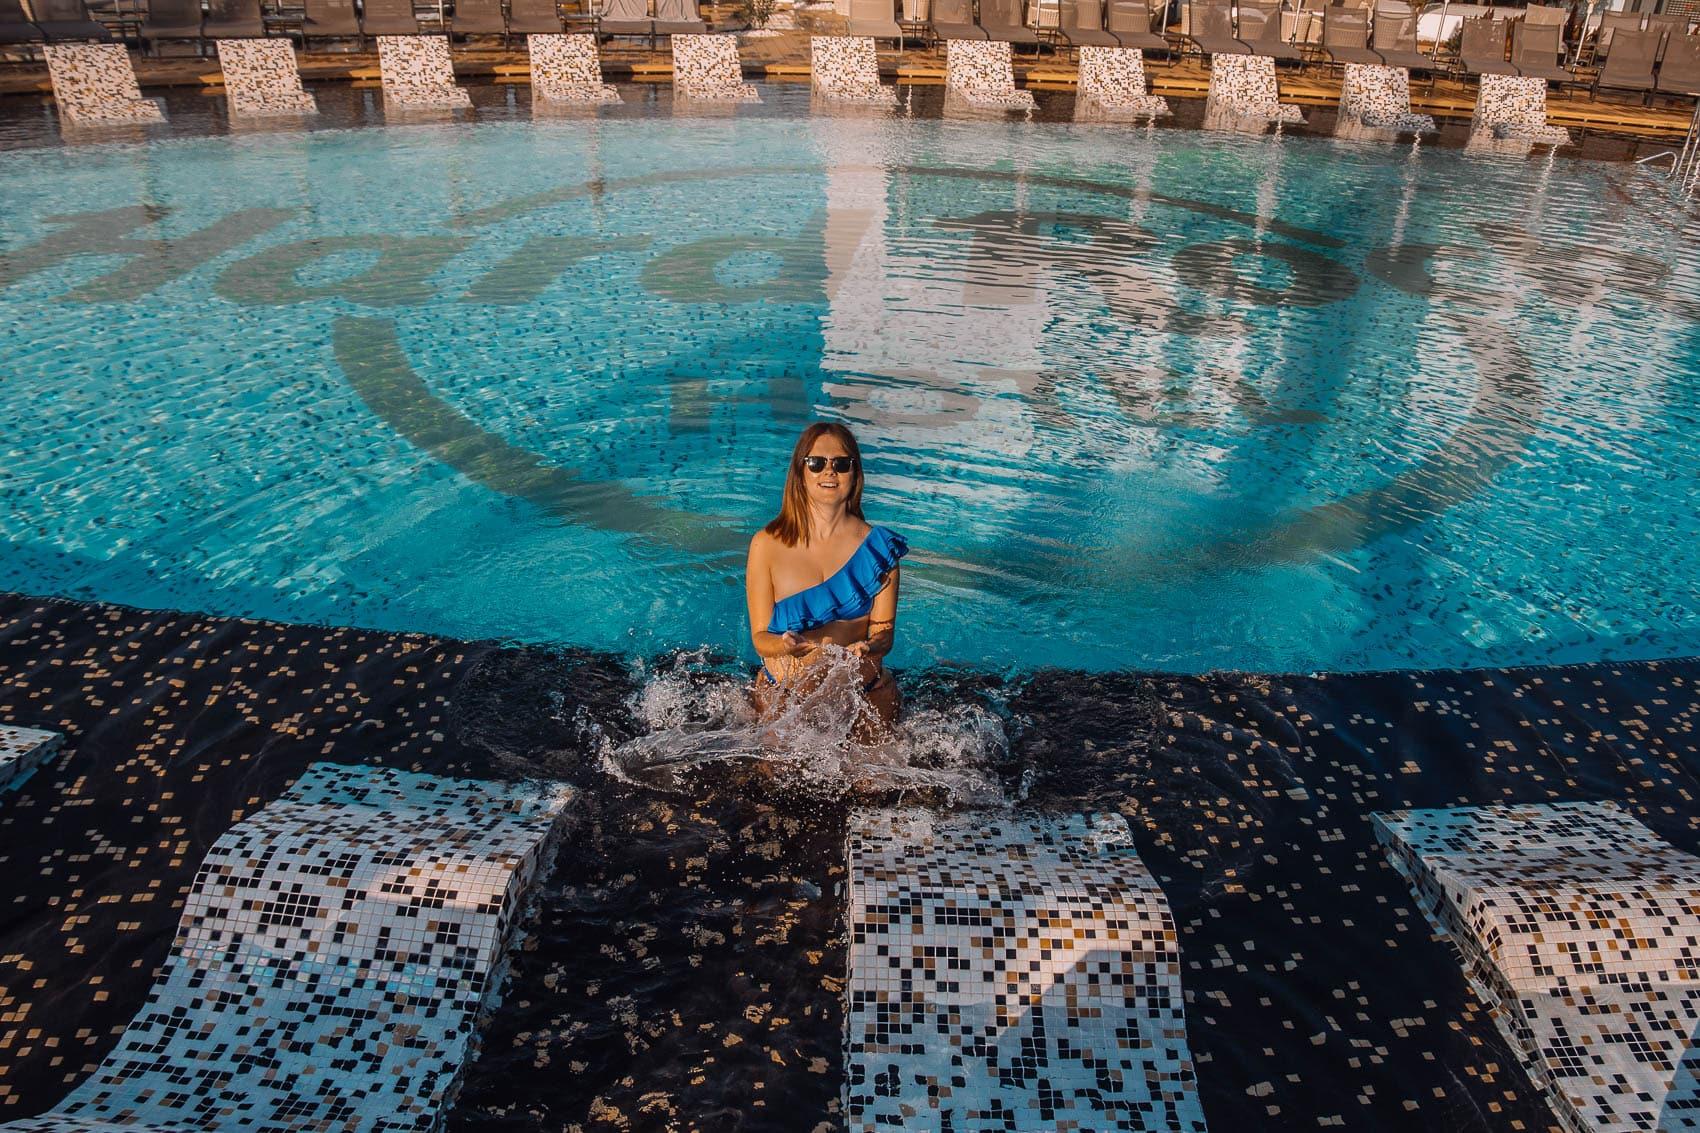 Hard Rock Hotel Teneriffa - Girls just wanna have fun!